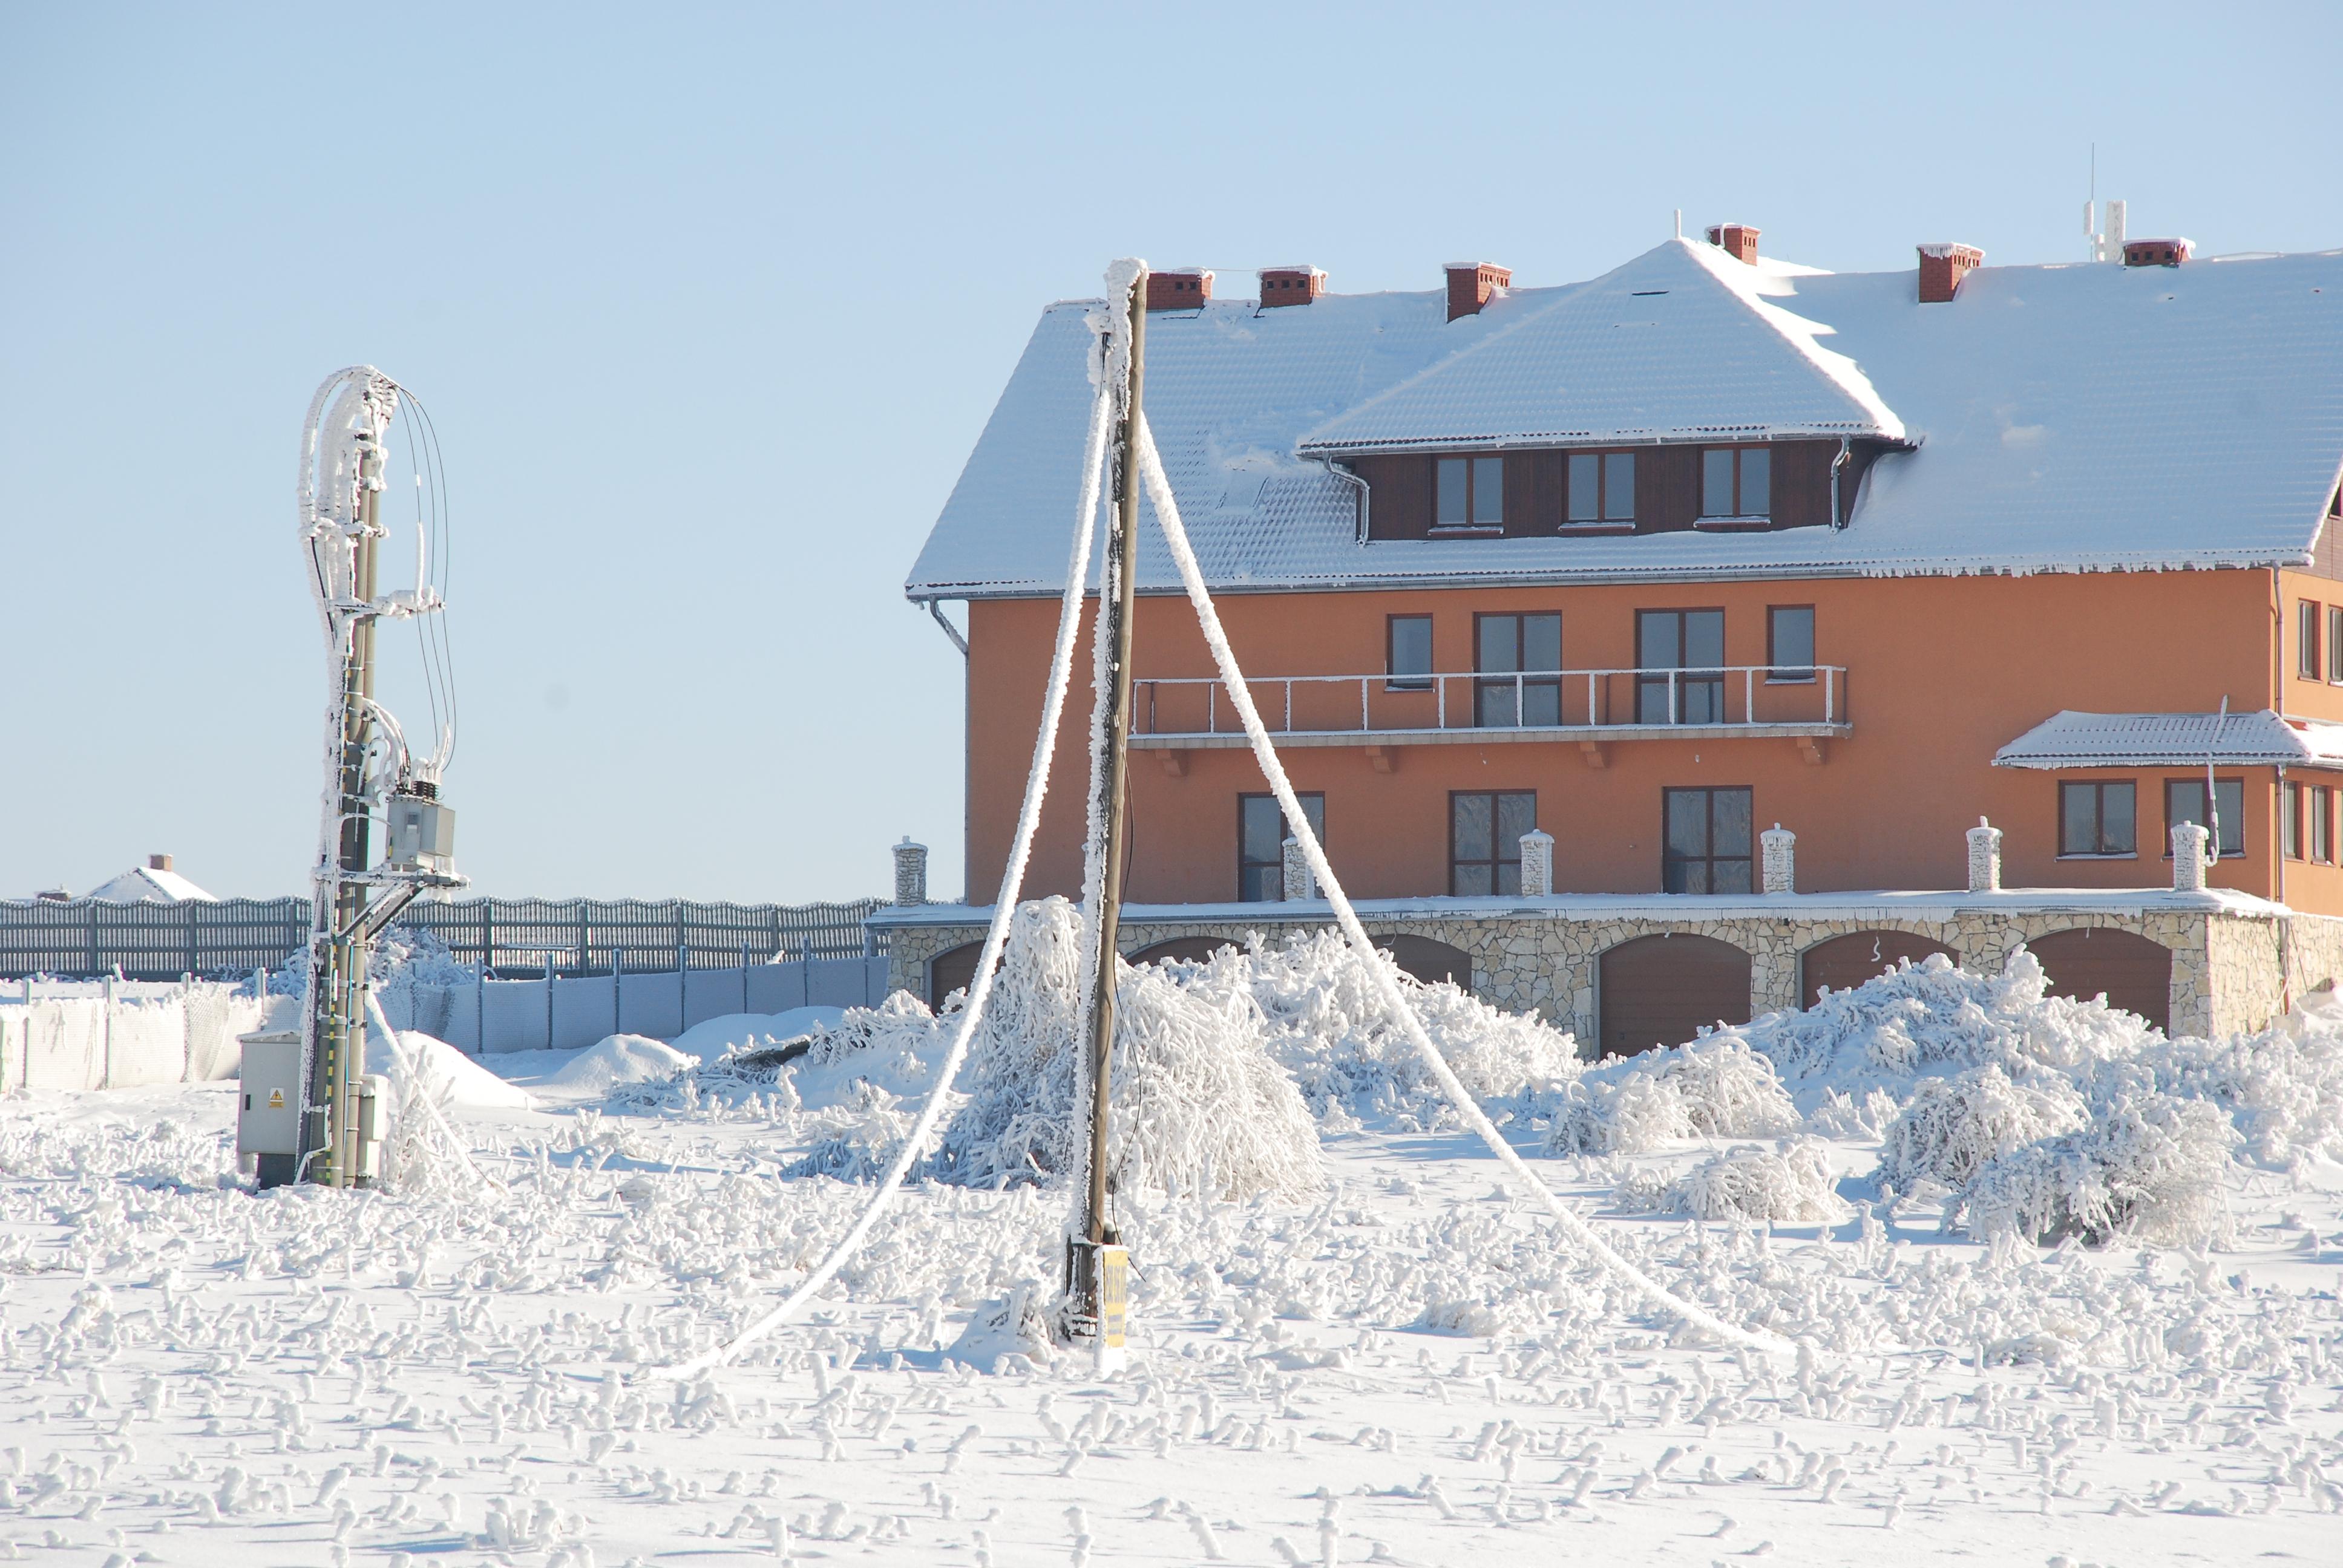 Awaria sieci energetycznej wywołana nadmiernym ciężarem osadu szadzi, gołoledzi i śniegu (okolice Ojcowskiego PN, styczeń 2010) (fot. Z. Ustrnul)